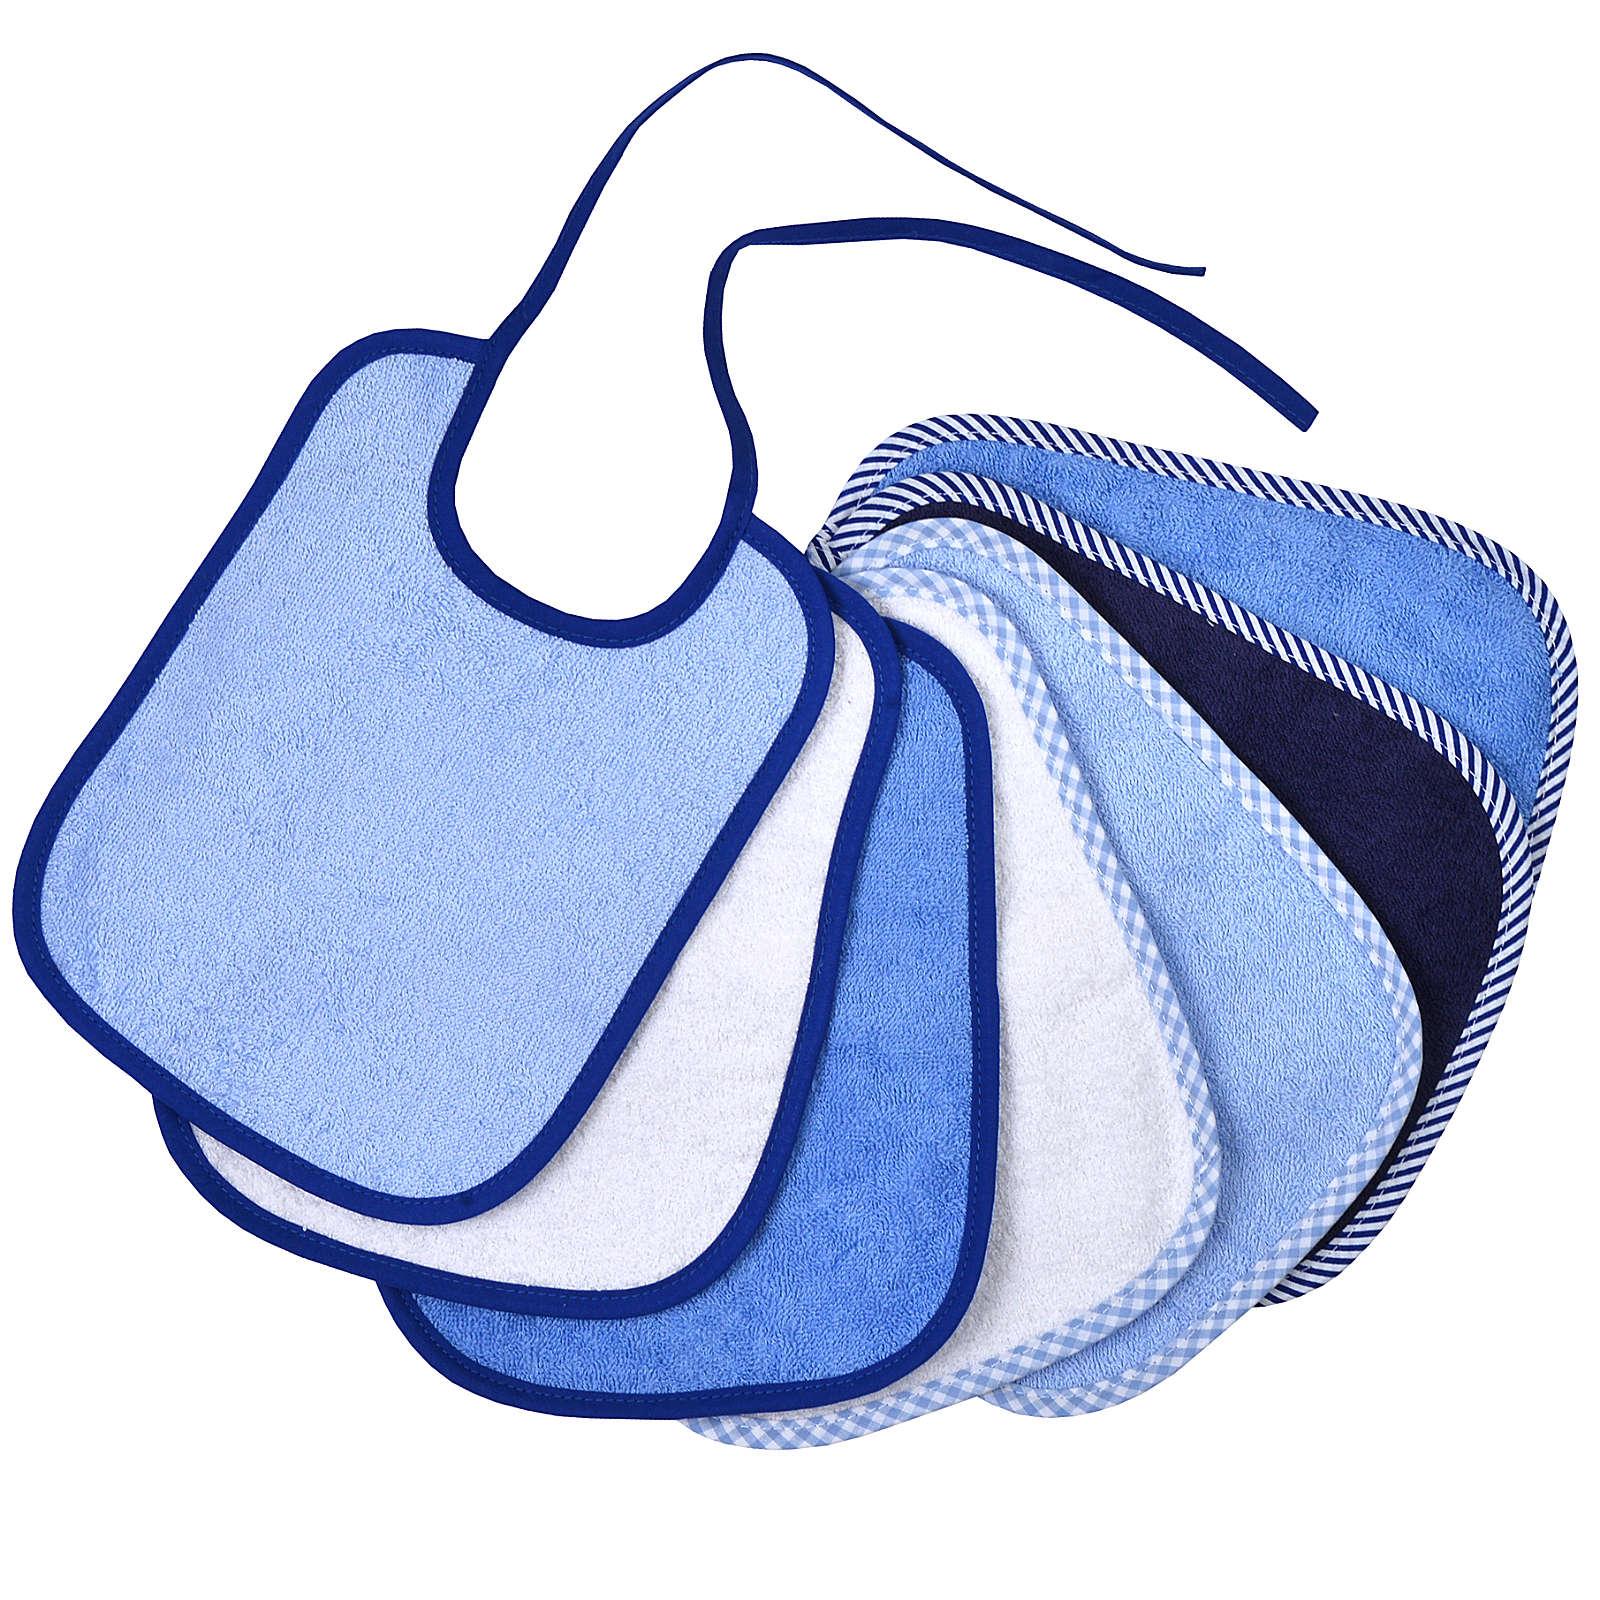 Wörner Bindelätzchen 7er Set, blau, 20 x 25 cm blau Junge Gr. 25 x 30